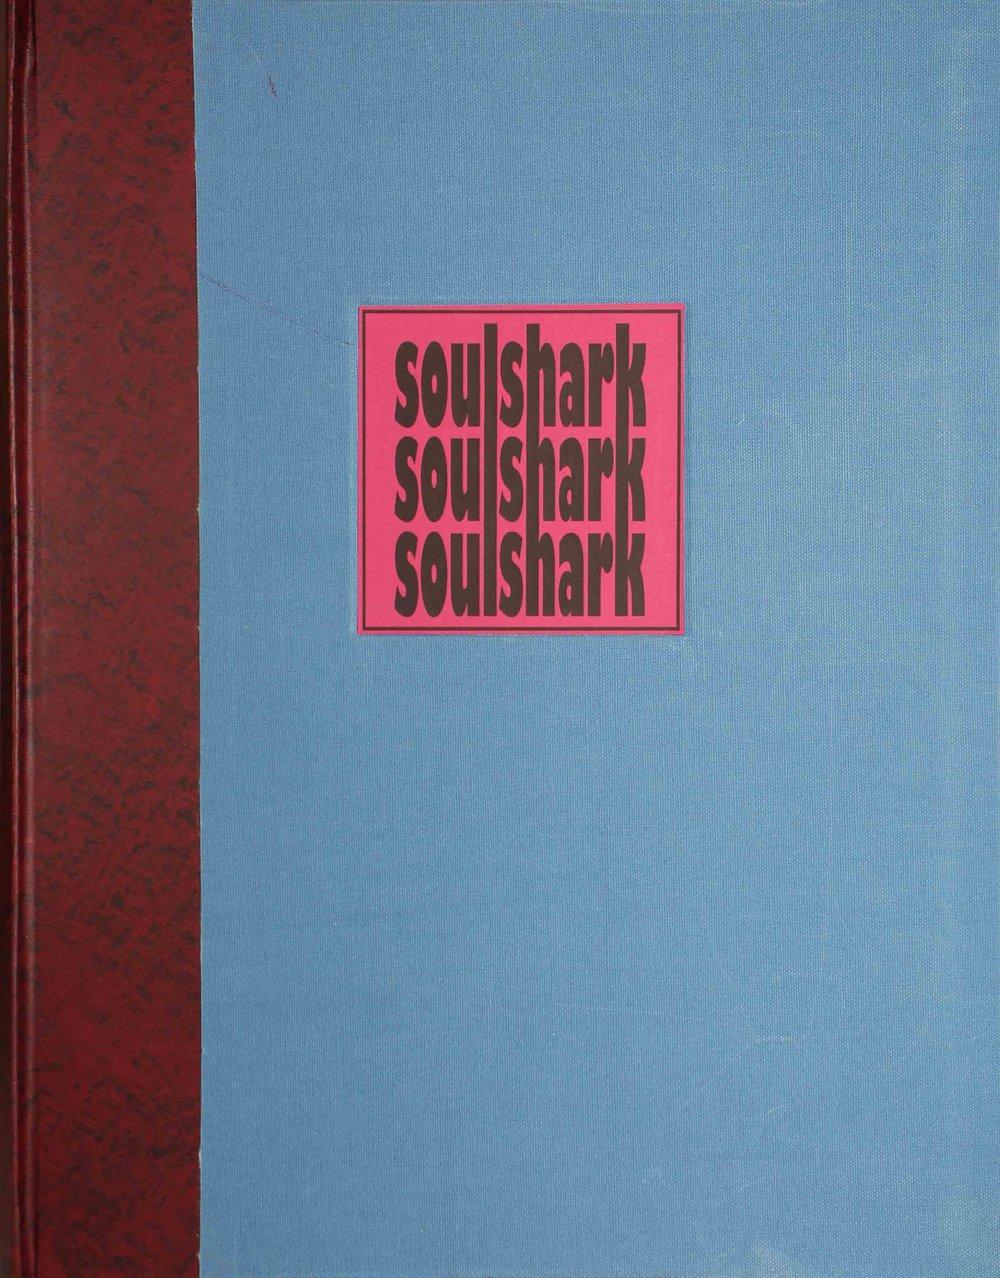 Soulshark (cover)